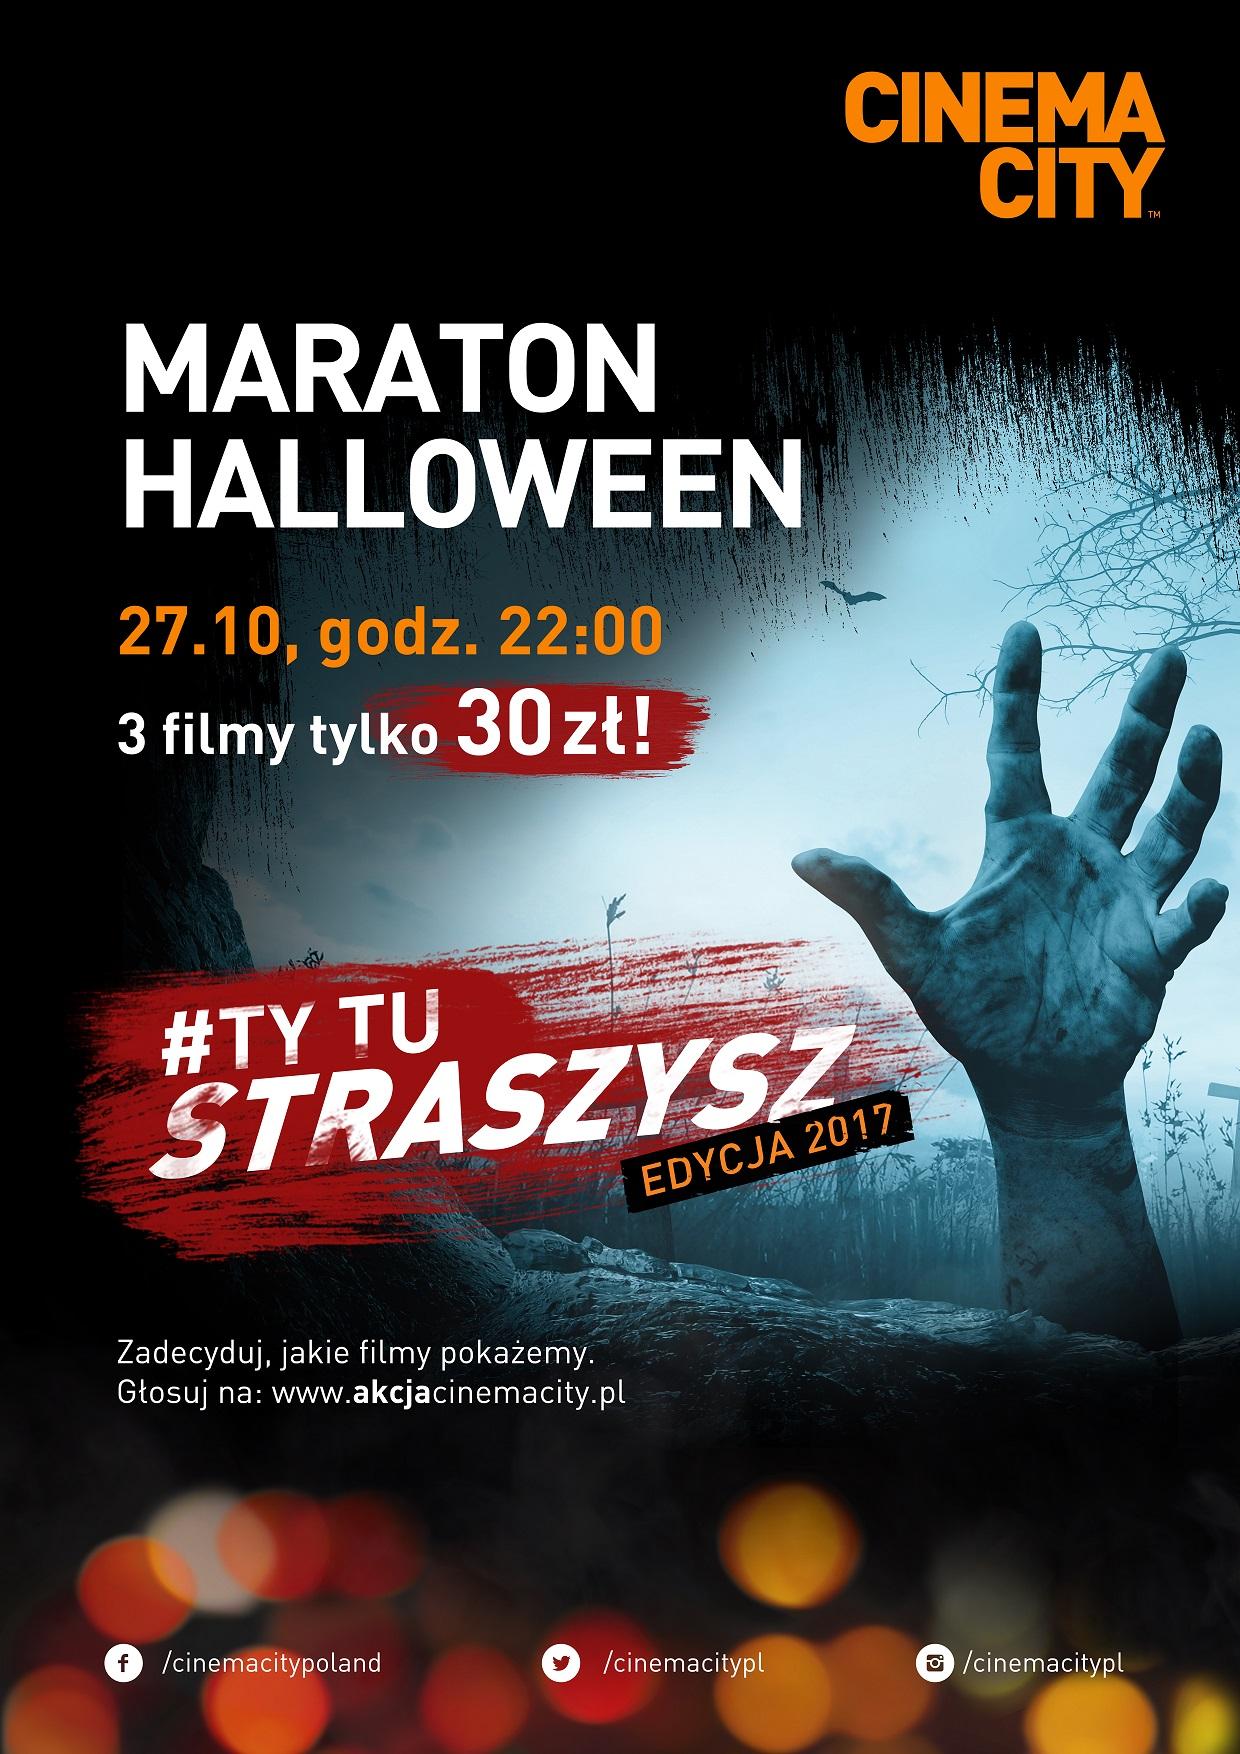 Maraton_Halloween_Warszawa